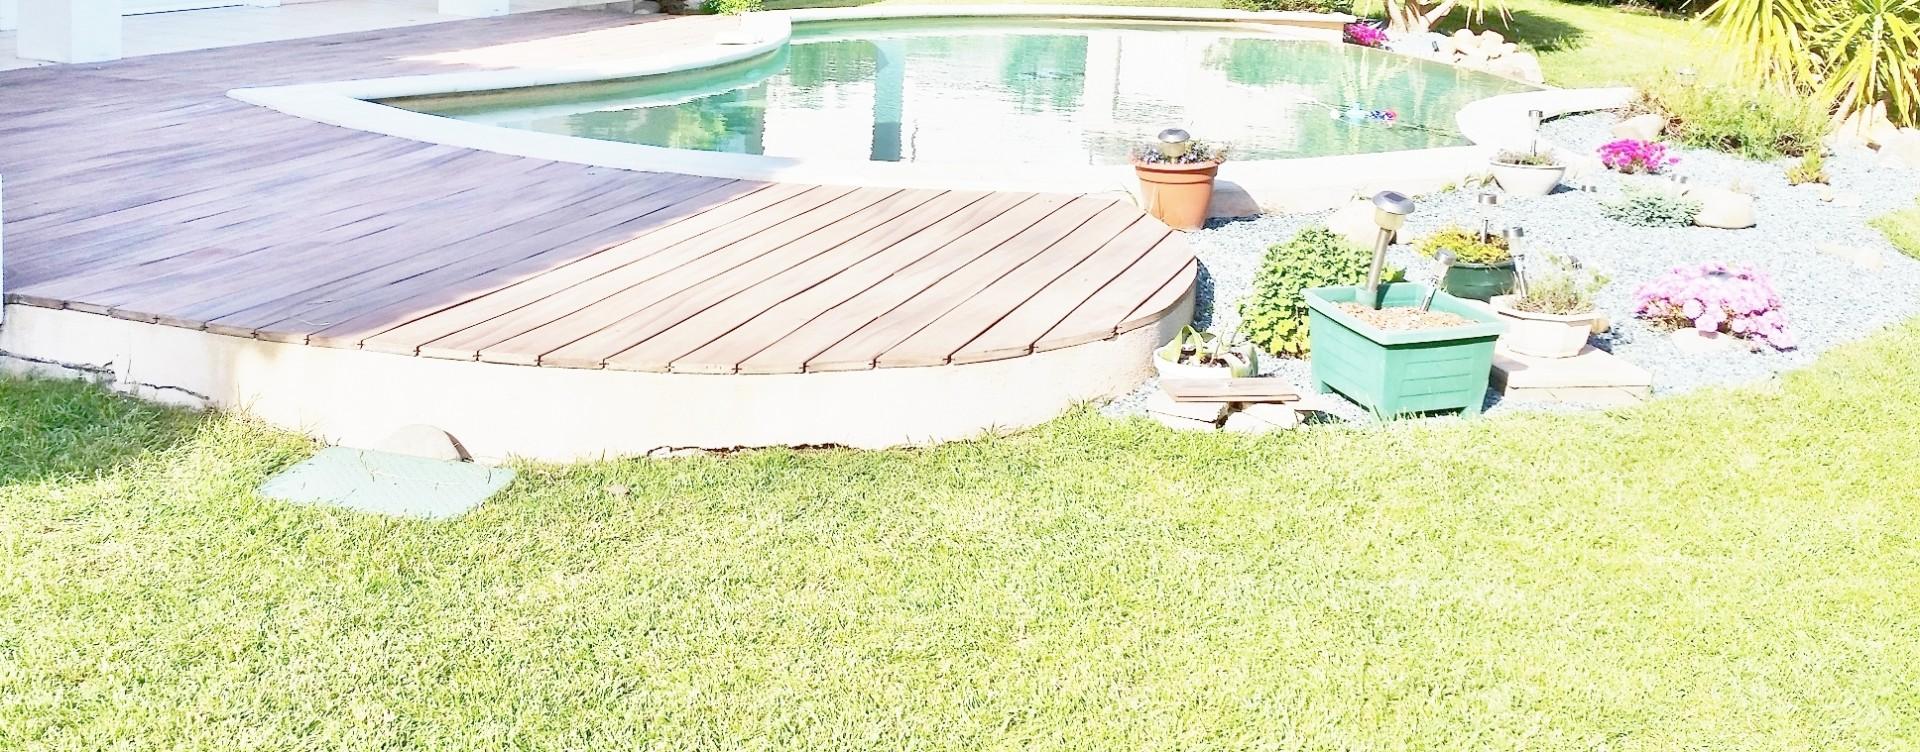 Terrasse bois aménagement piscine